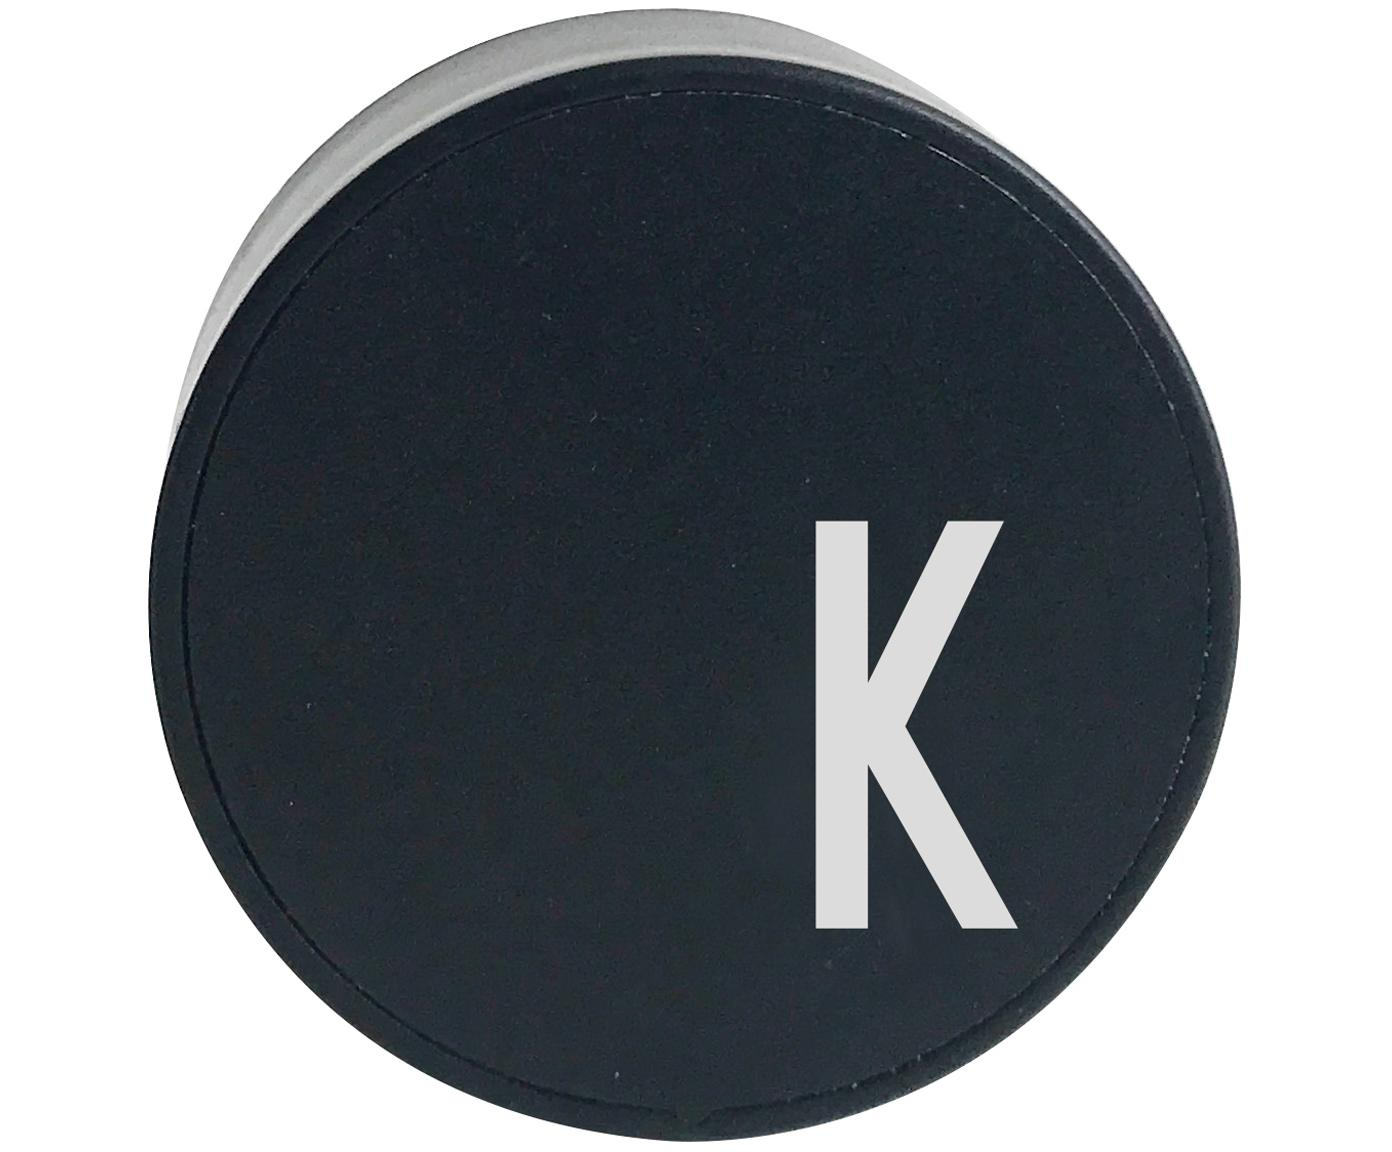 Oplader MyCharger (varianten van A tot Z), Kunststof, Zwart, Oplader K